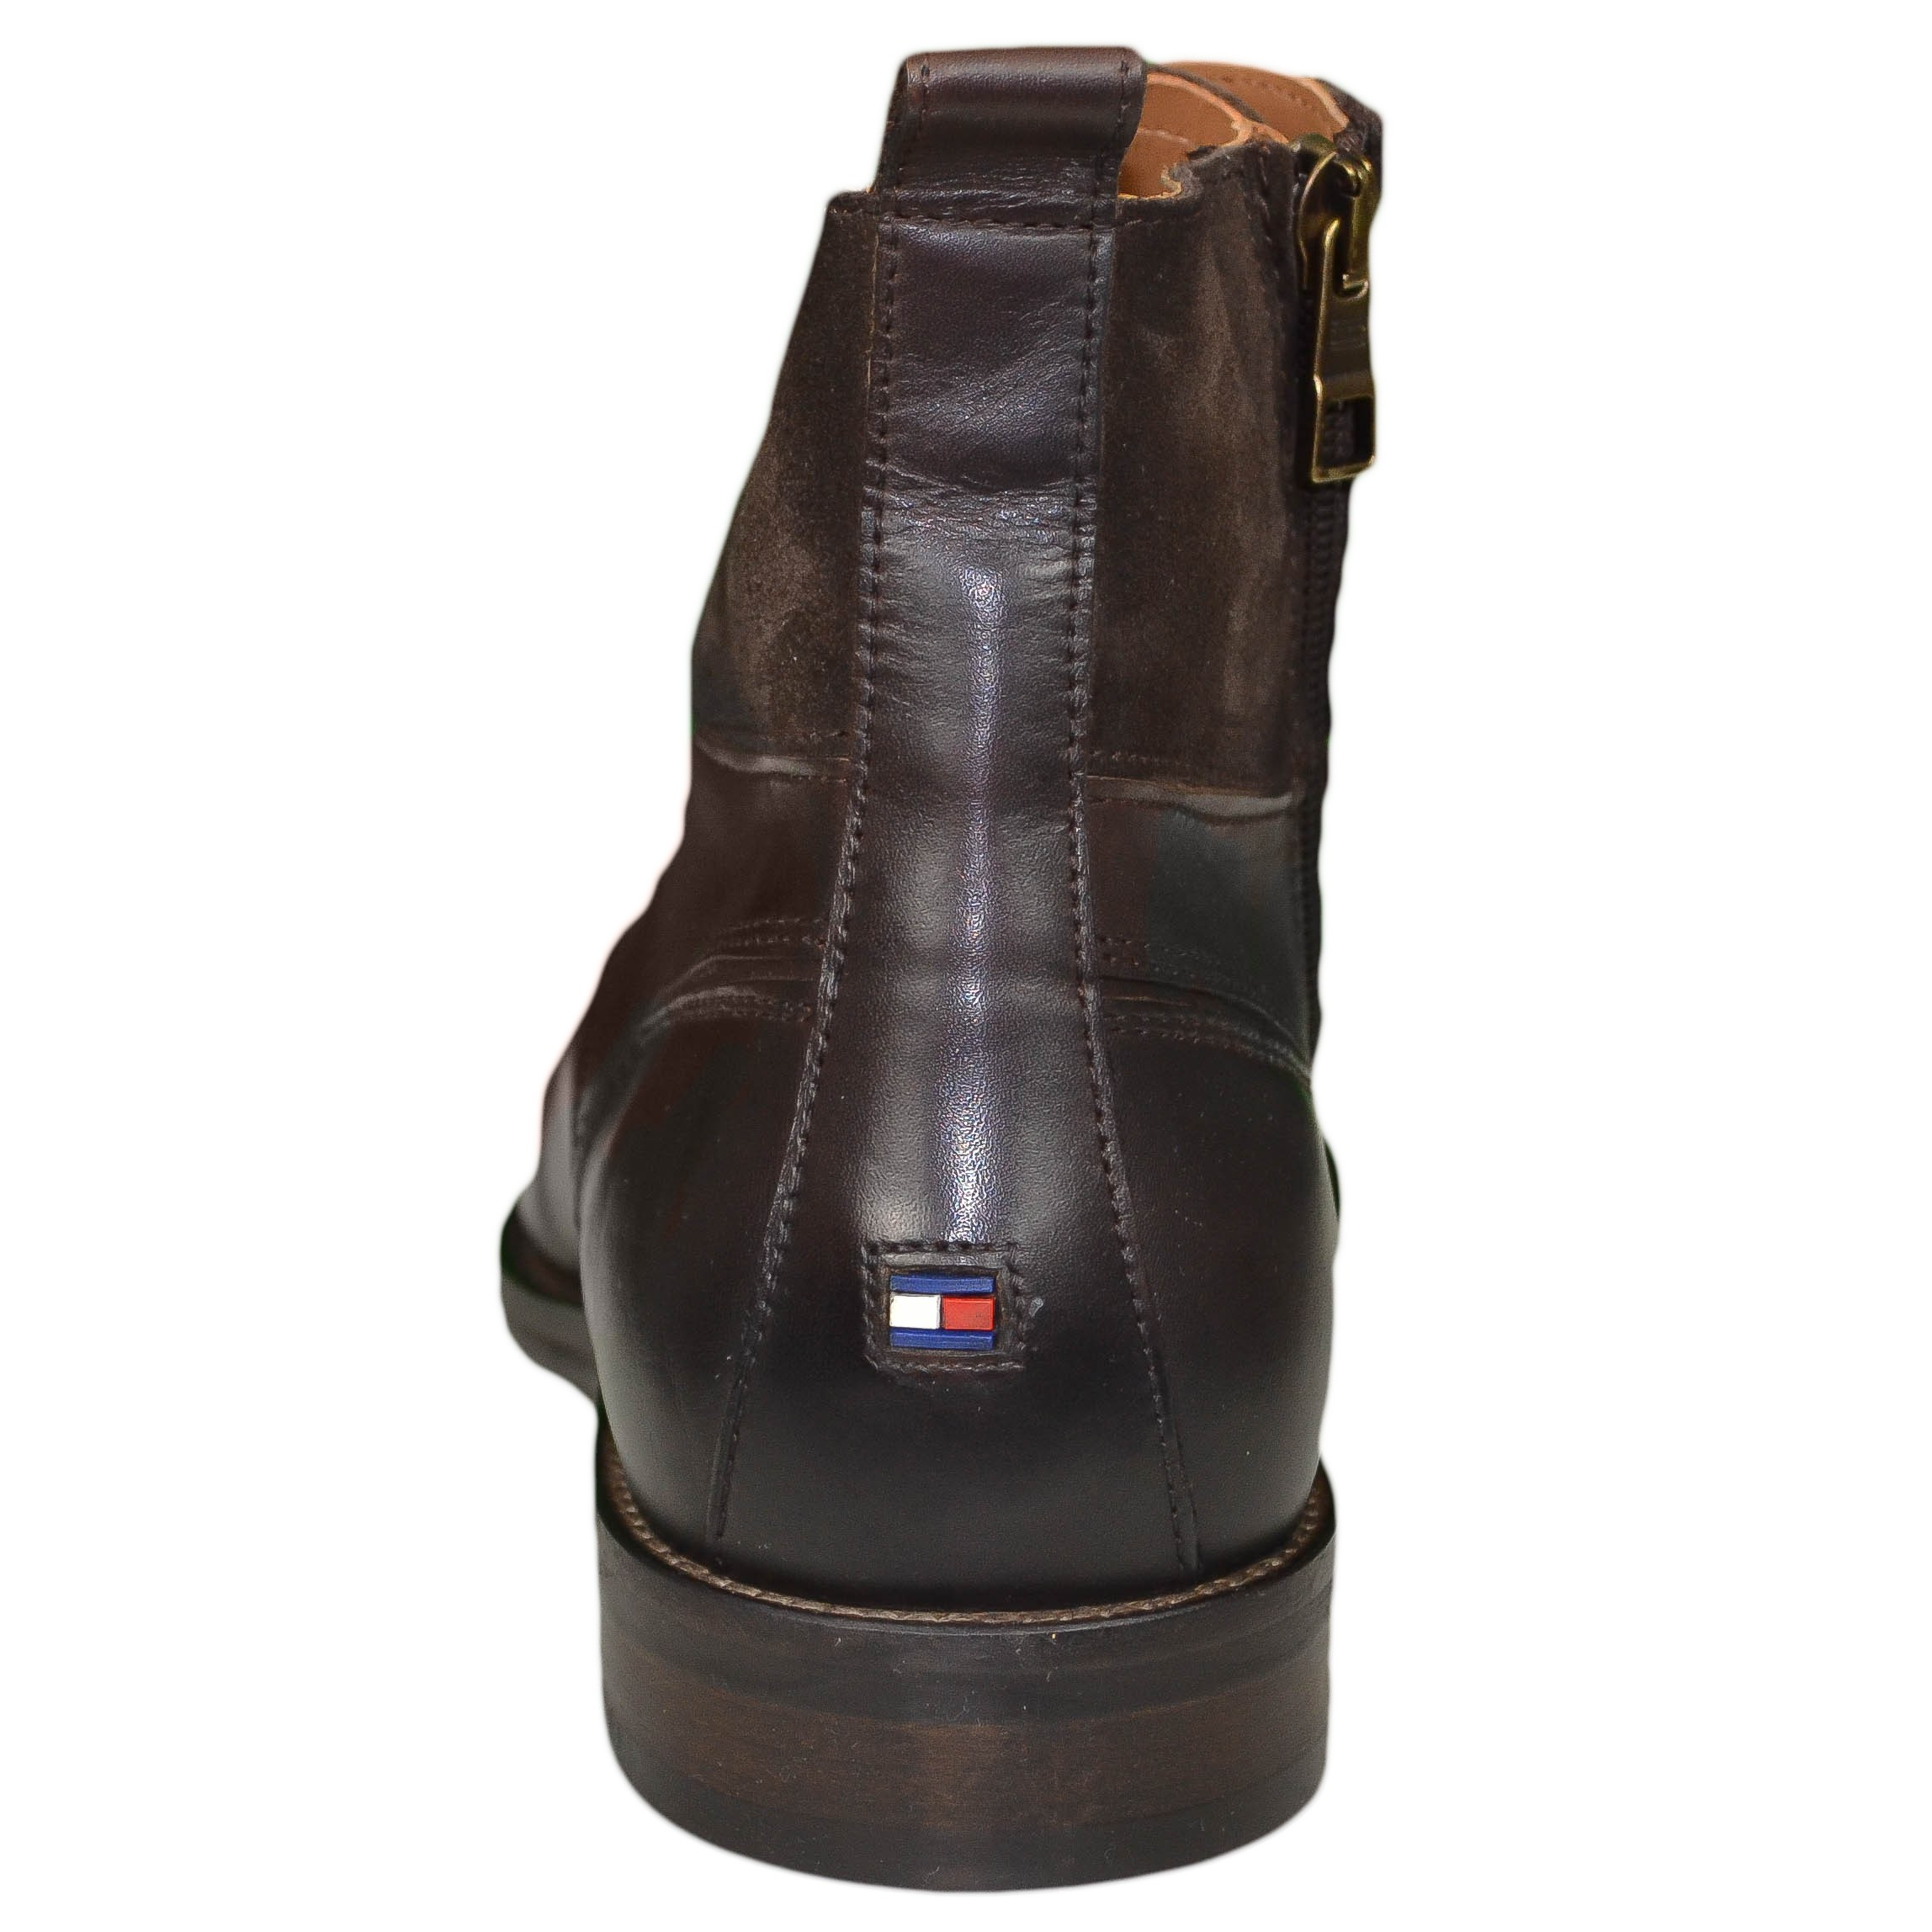 best sale a few days away special section Boots montantes Tommy Hilfiger marron pour homme - Toujours au meil...